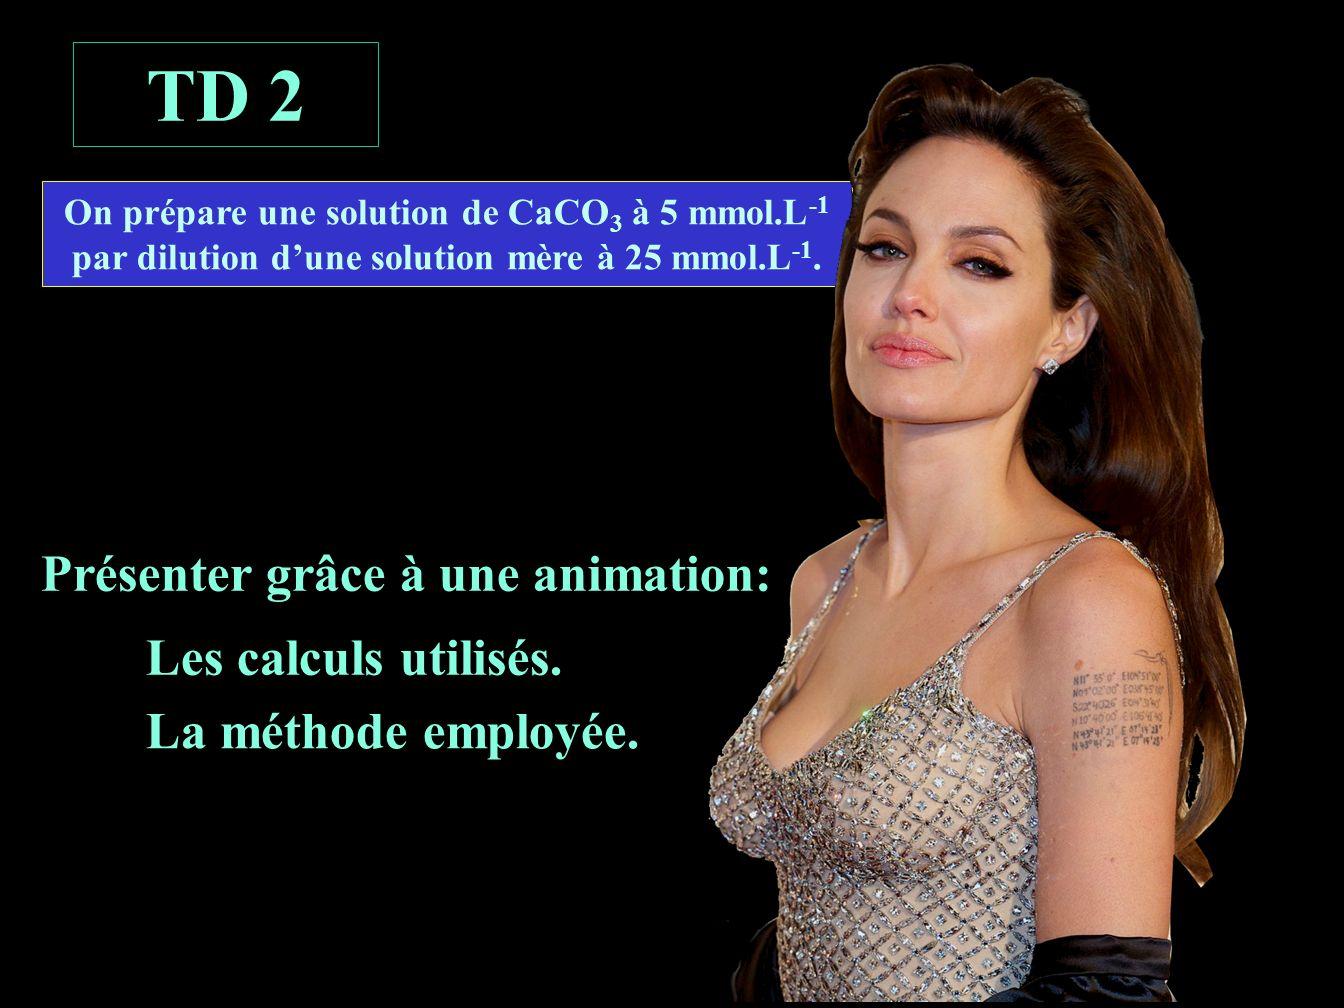 énoncé TD 2 Présenter grâce à une animation: Les calculs utilisés.